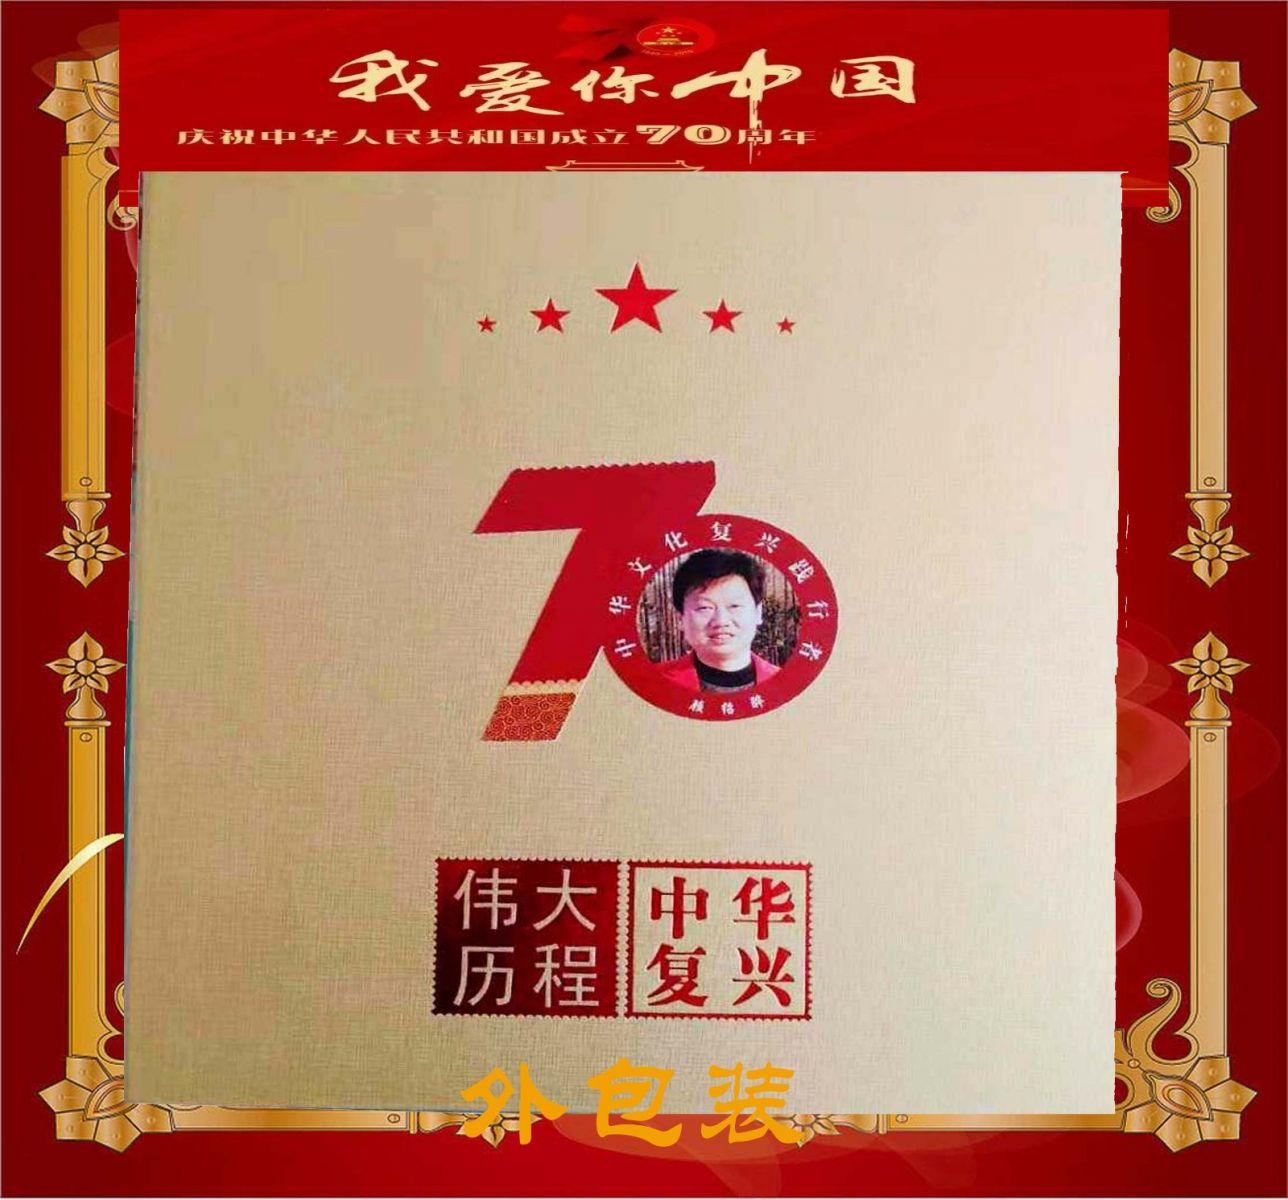 """谢谢您支持-""""中国画的诗情画意""""的第一人_图1-2"""